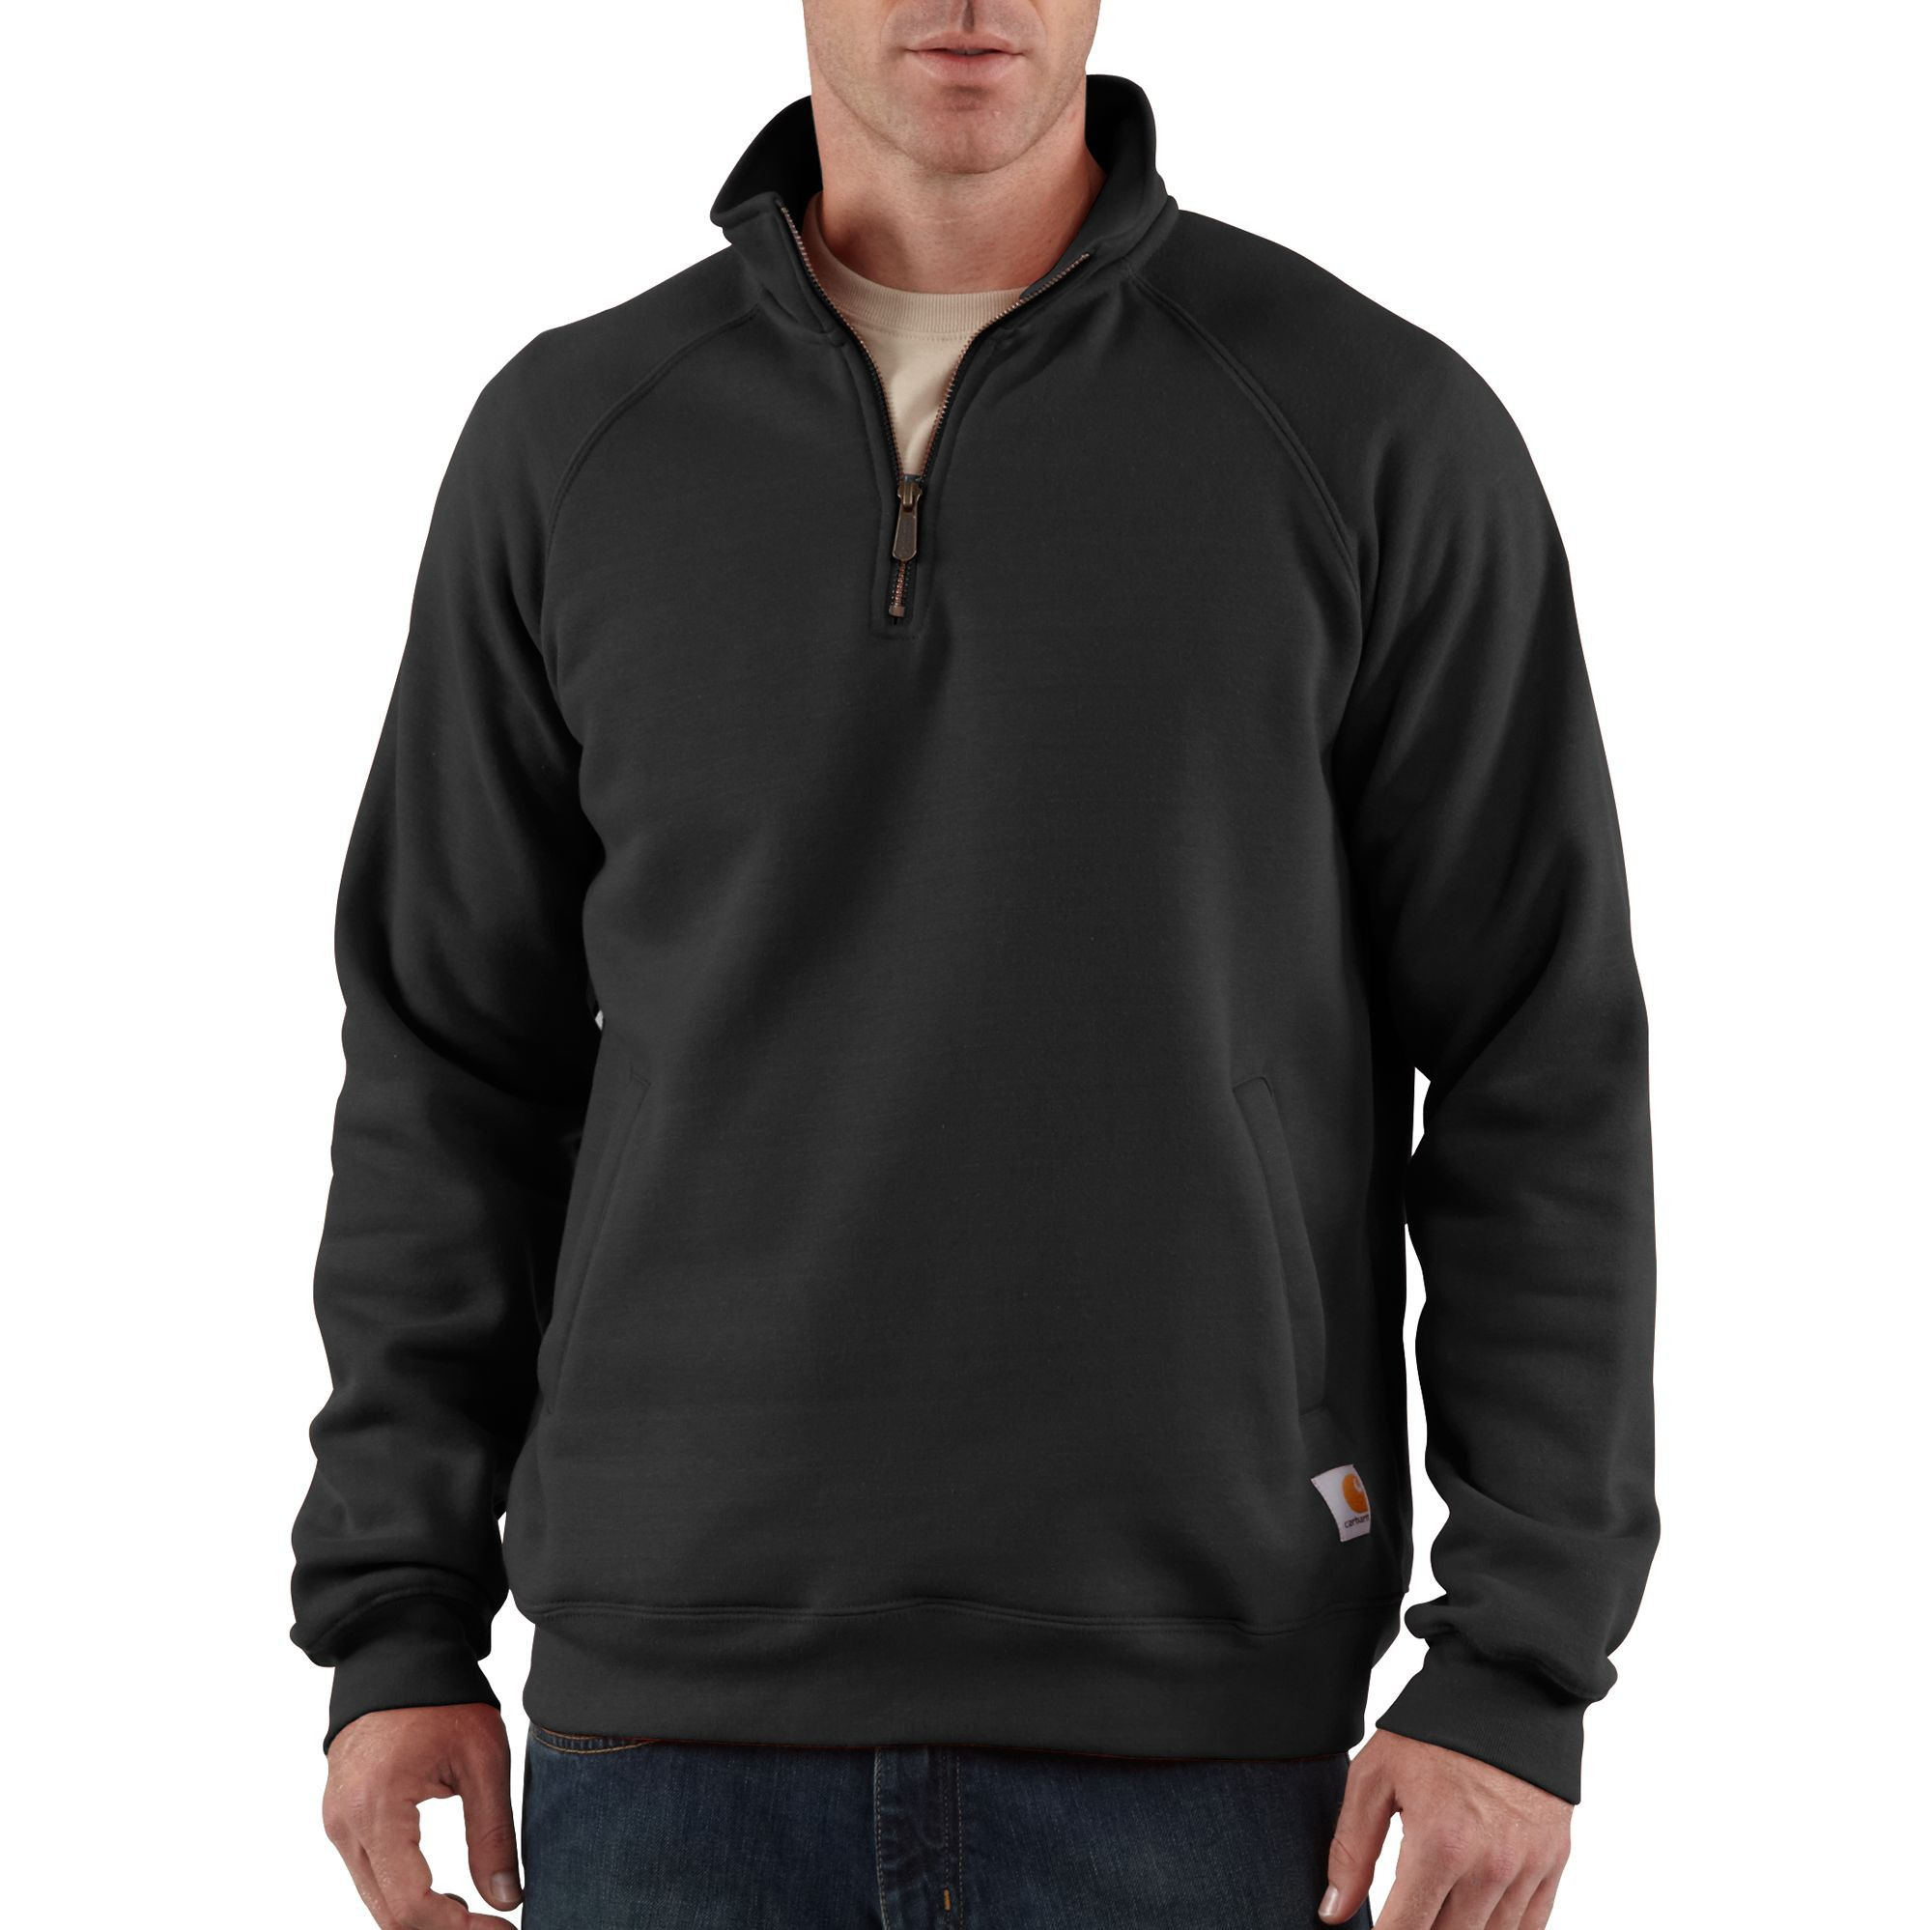 Carhartt Mens Midweight Full Zip Mock Neck Zip Raglan Sweatshirt Top